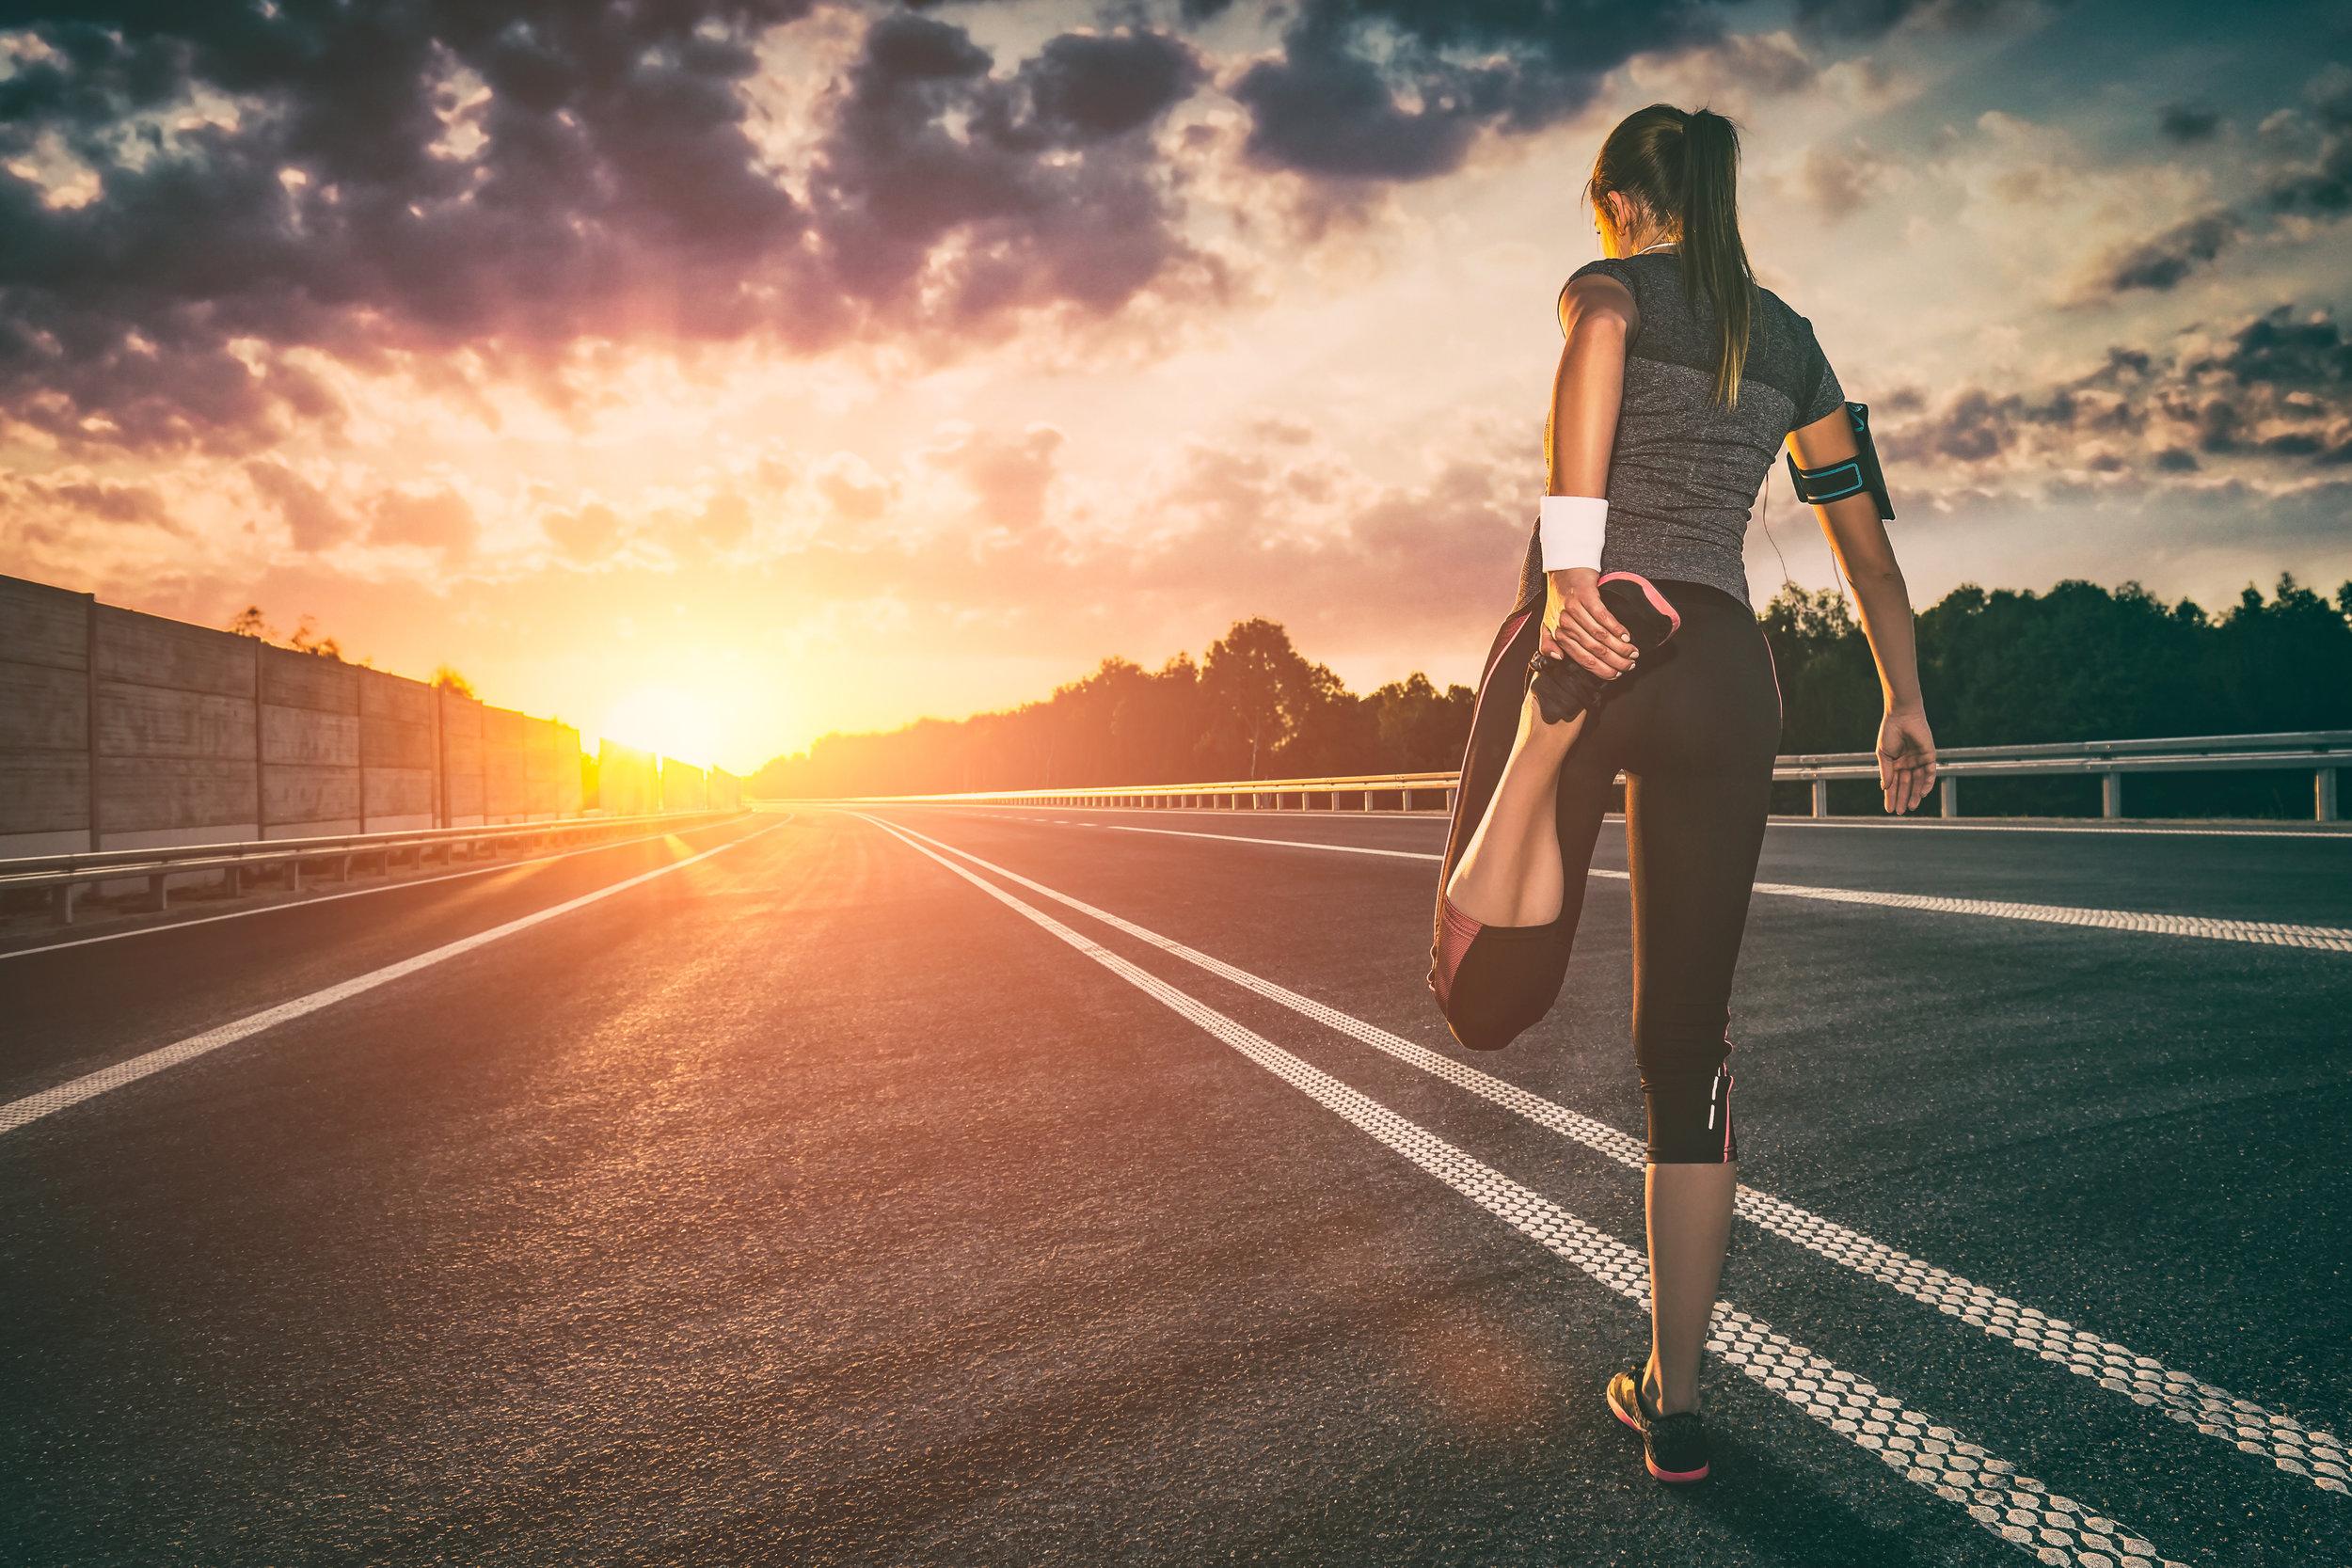 دونده در حال کشدن عضلات پا در جاده